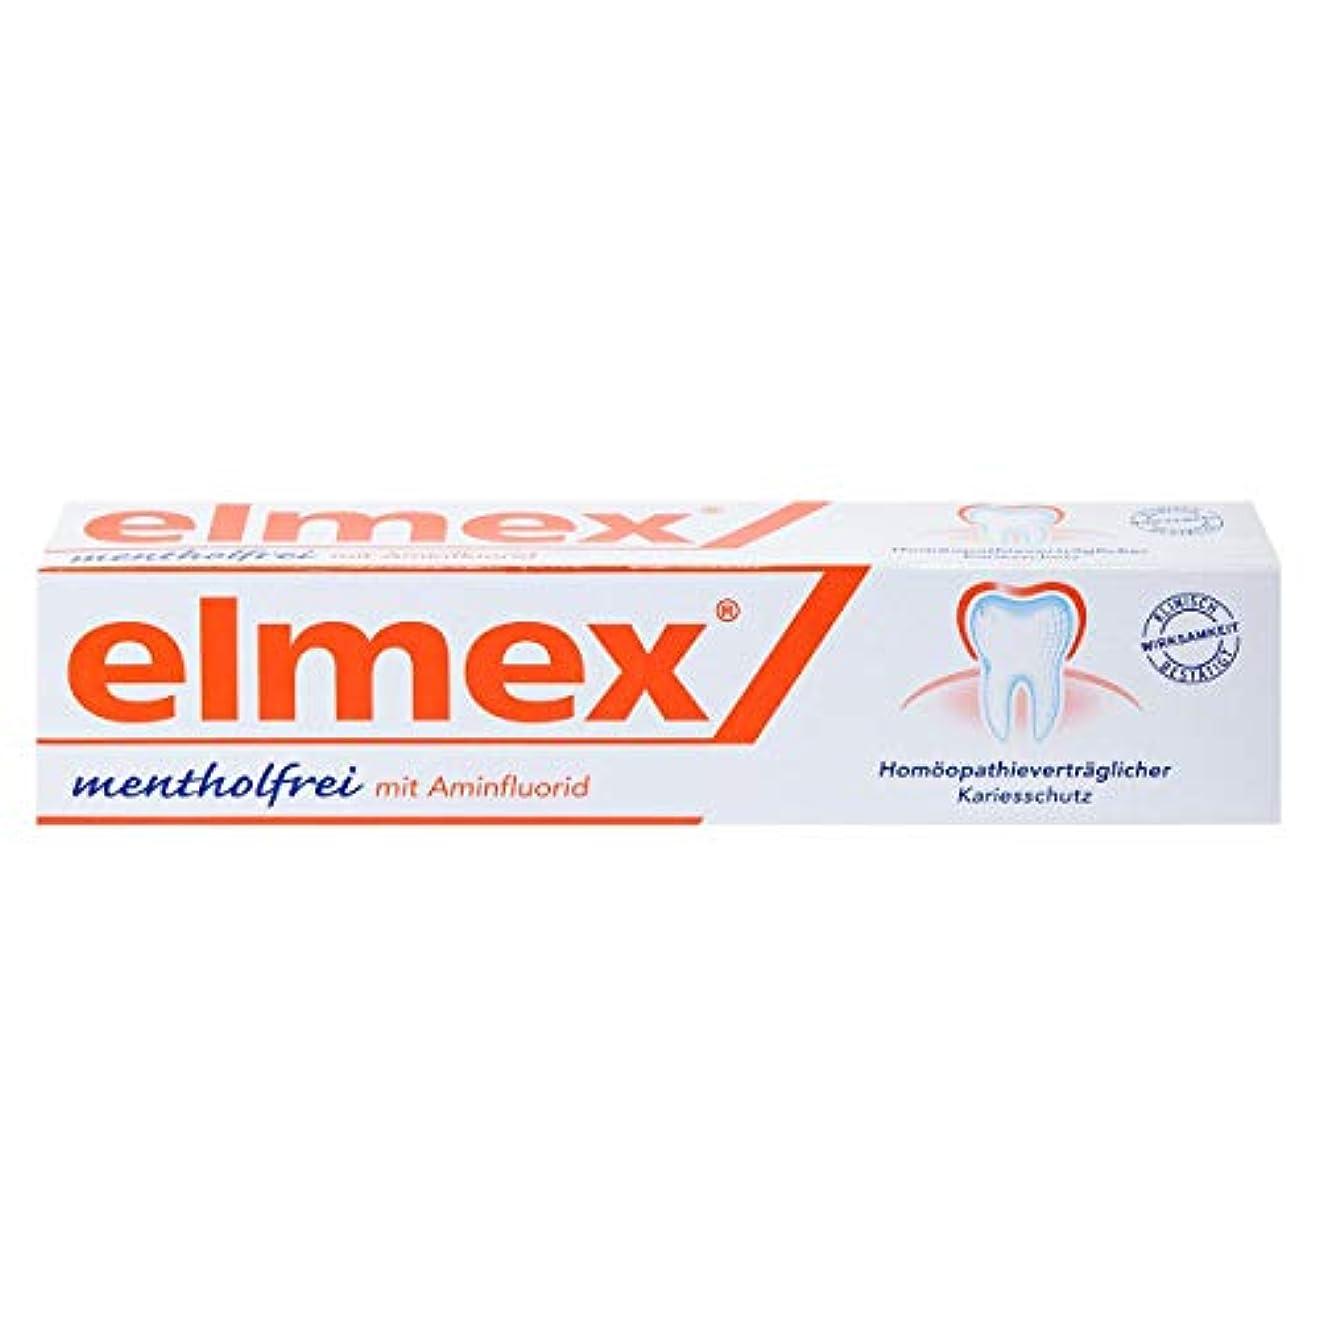 ラリーくさびデータ3本セット elmex エルメックス メントールフリー 虫歯予防 歯磨き粉 75ml【並行輸入品】